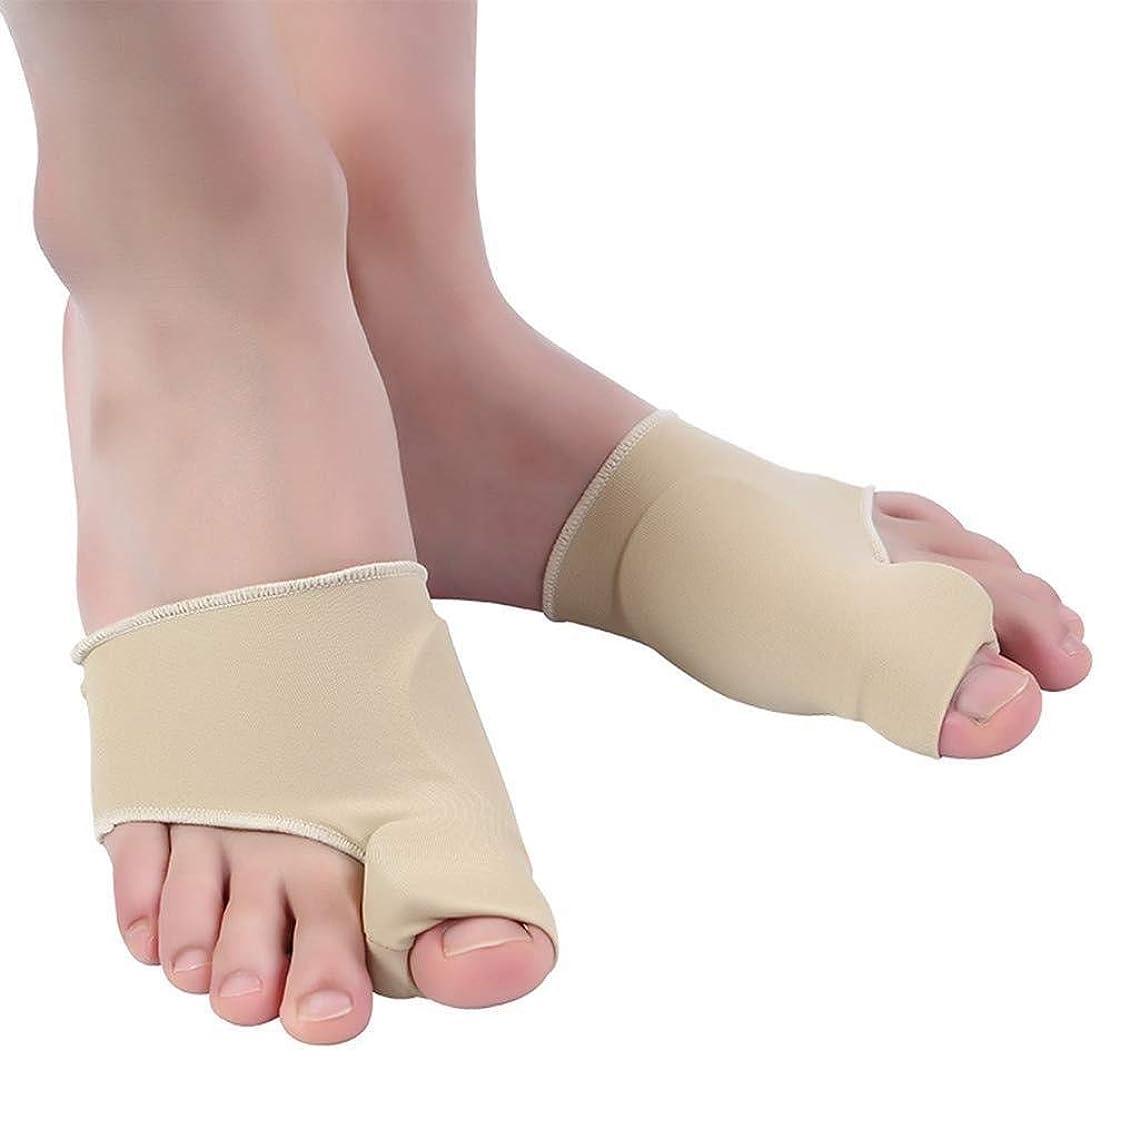 ペナルティまっすぐステッチBunion Corrector Bunion SplintsとBig Toe Straightteners SeparatorナイトタイムHallux外陰部のスプリント、Bunion Relief (Size : Small)